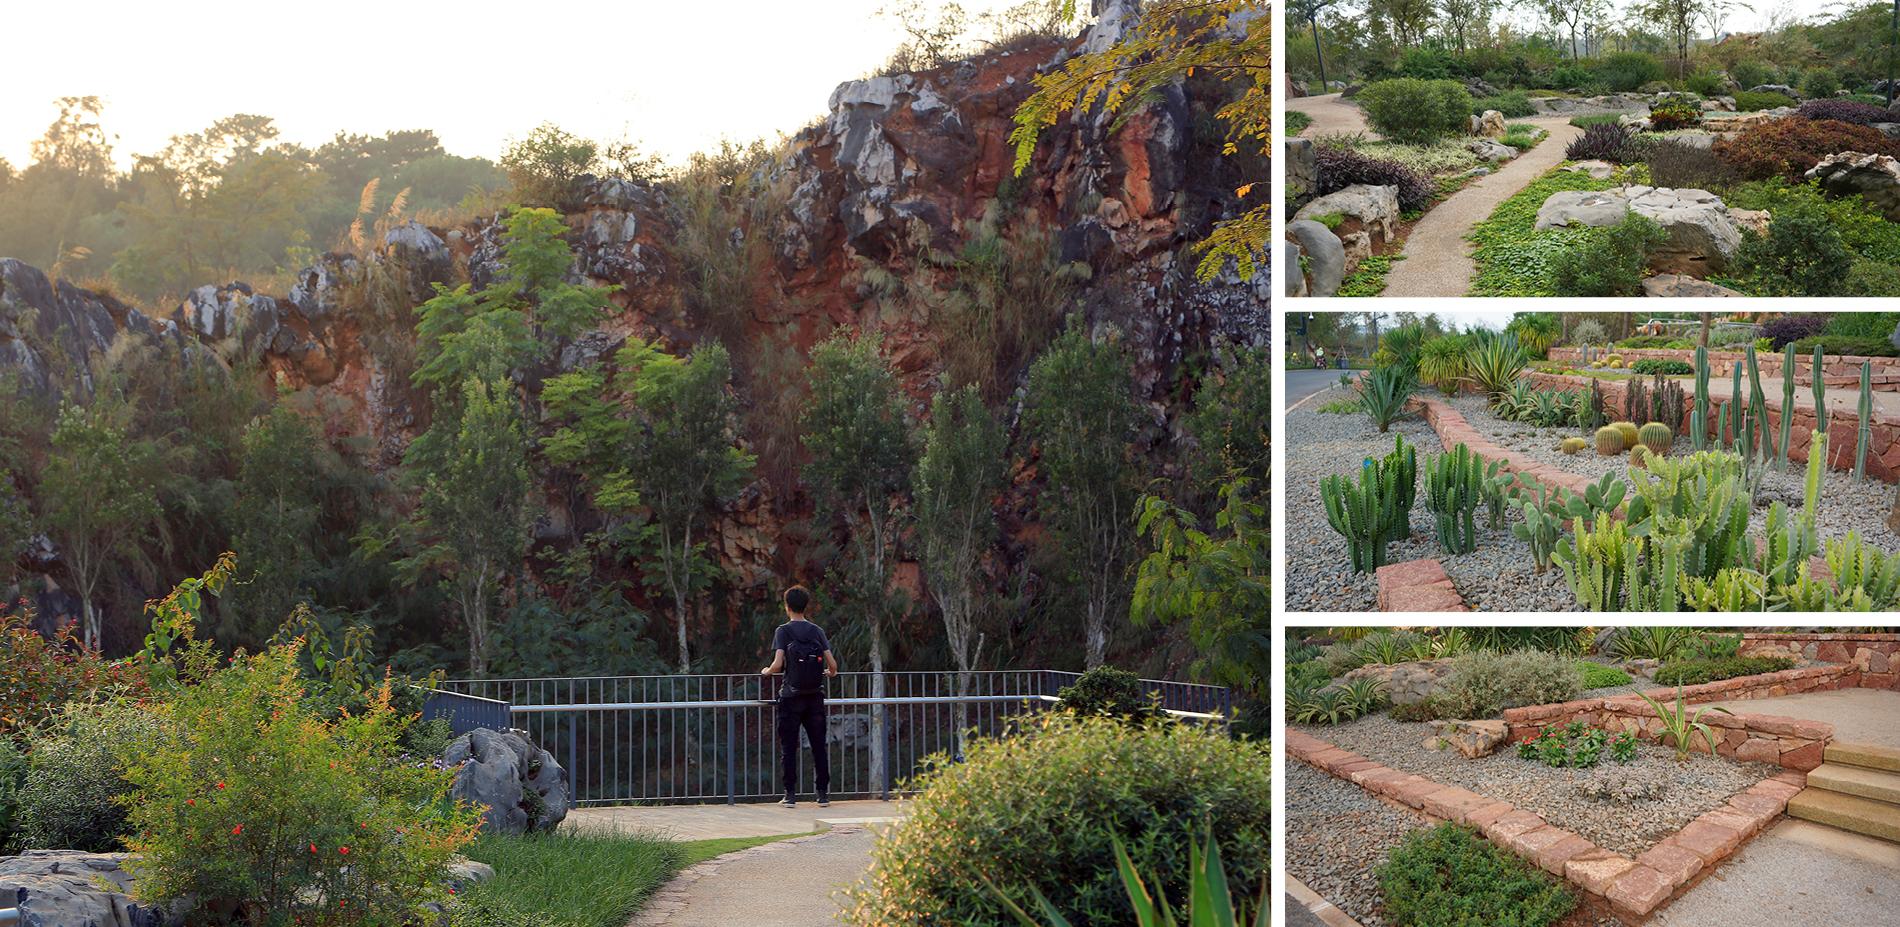 A Rock Garden Showcasing the Biodiversity (Quarry No. 3)